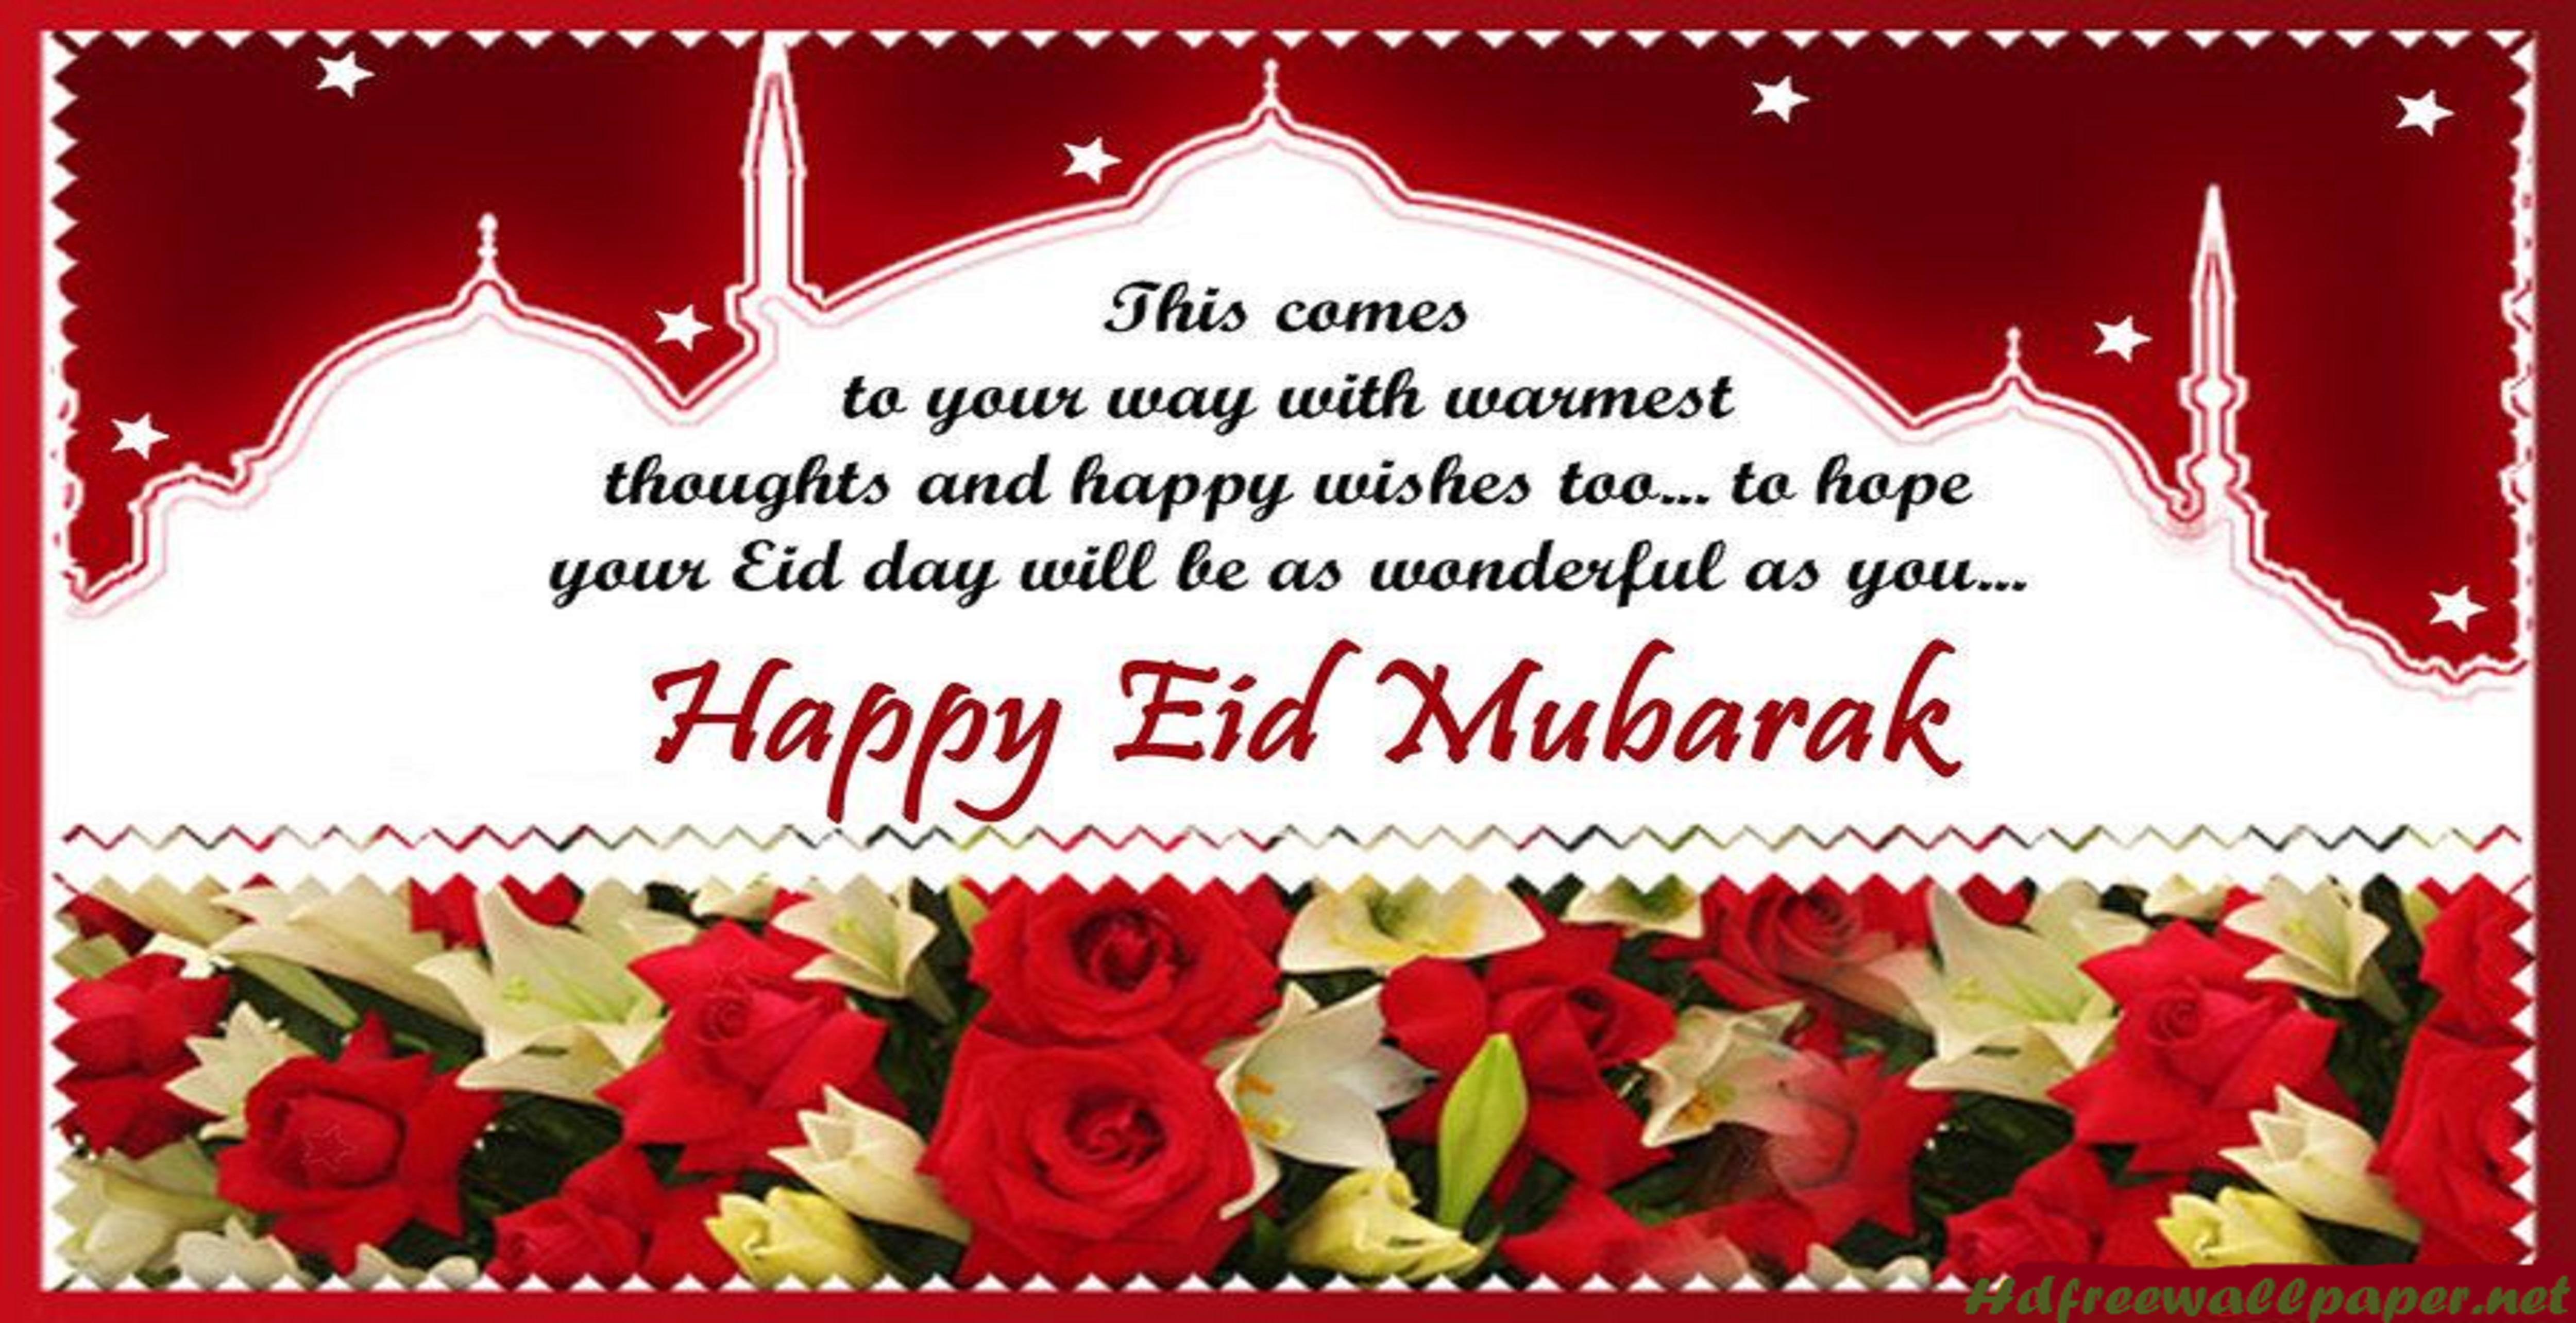 Hd wallpaper eid mubarak - Card Eid Ul Fitar Eid Ul Fitr Wallpaper Free Download New